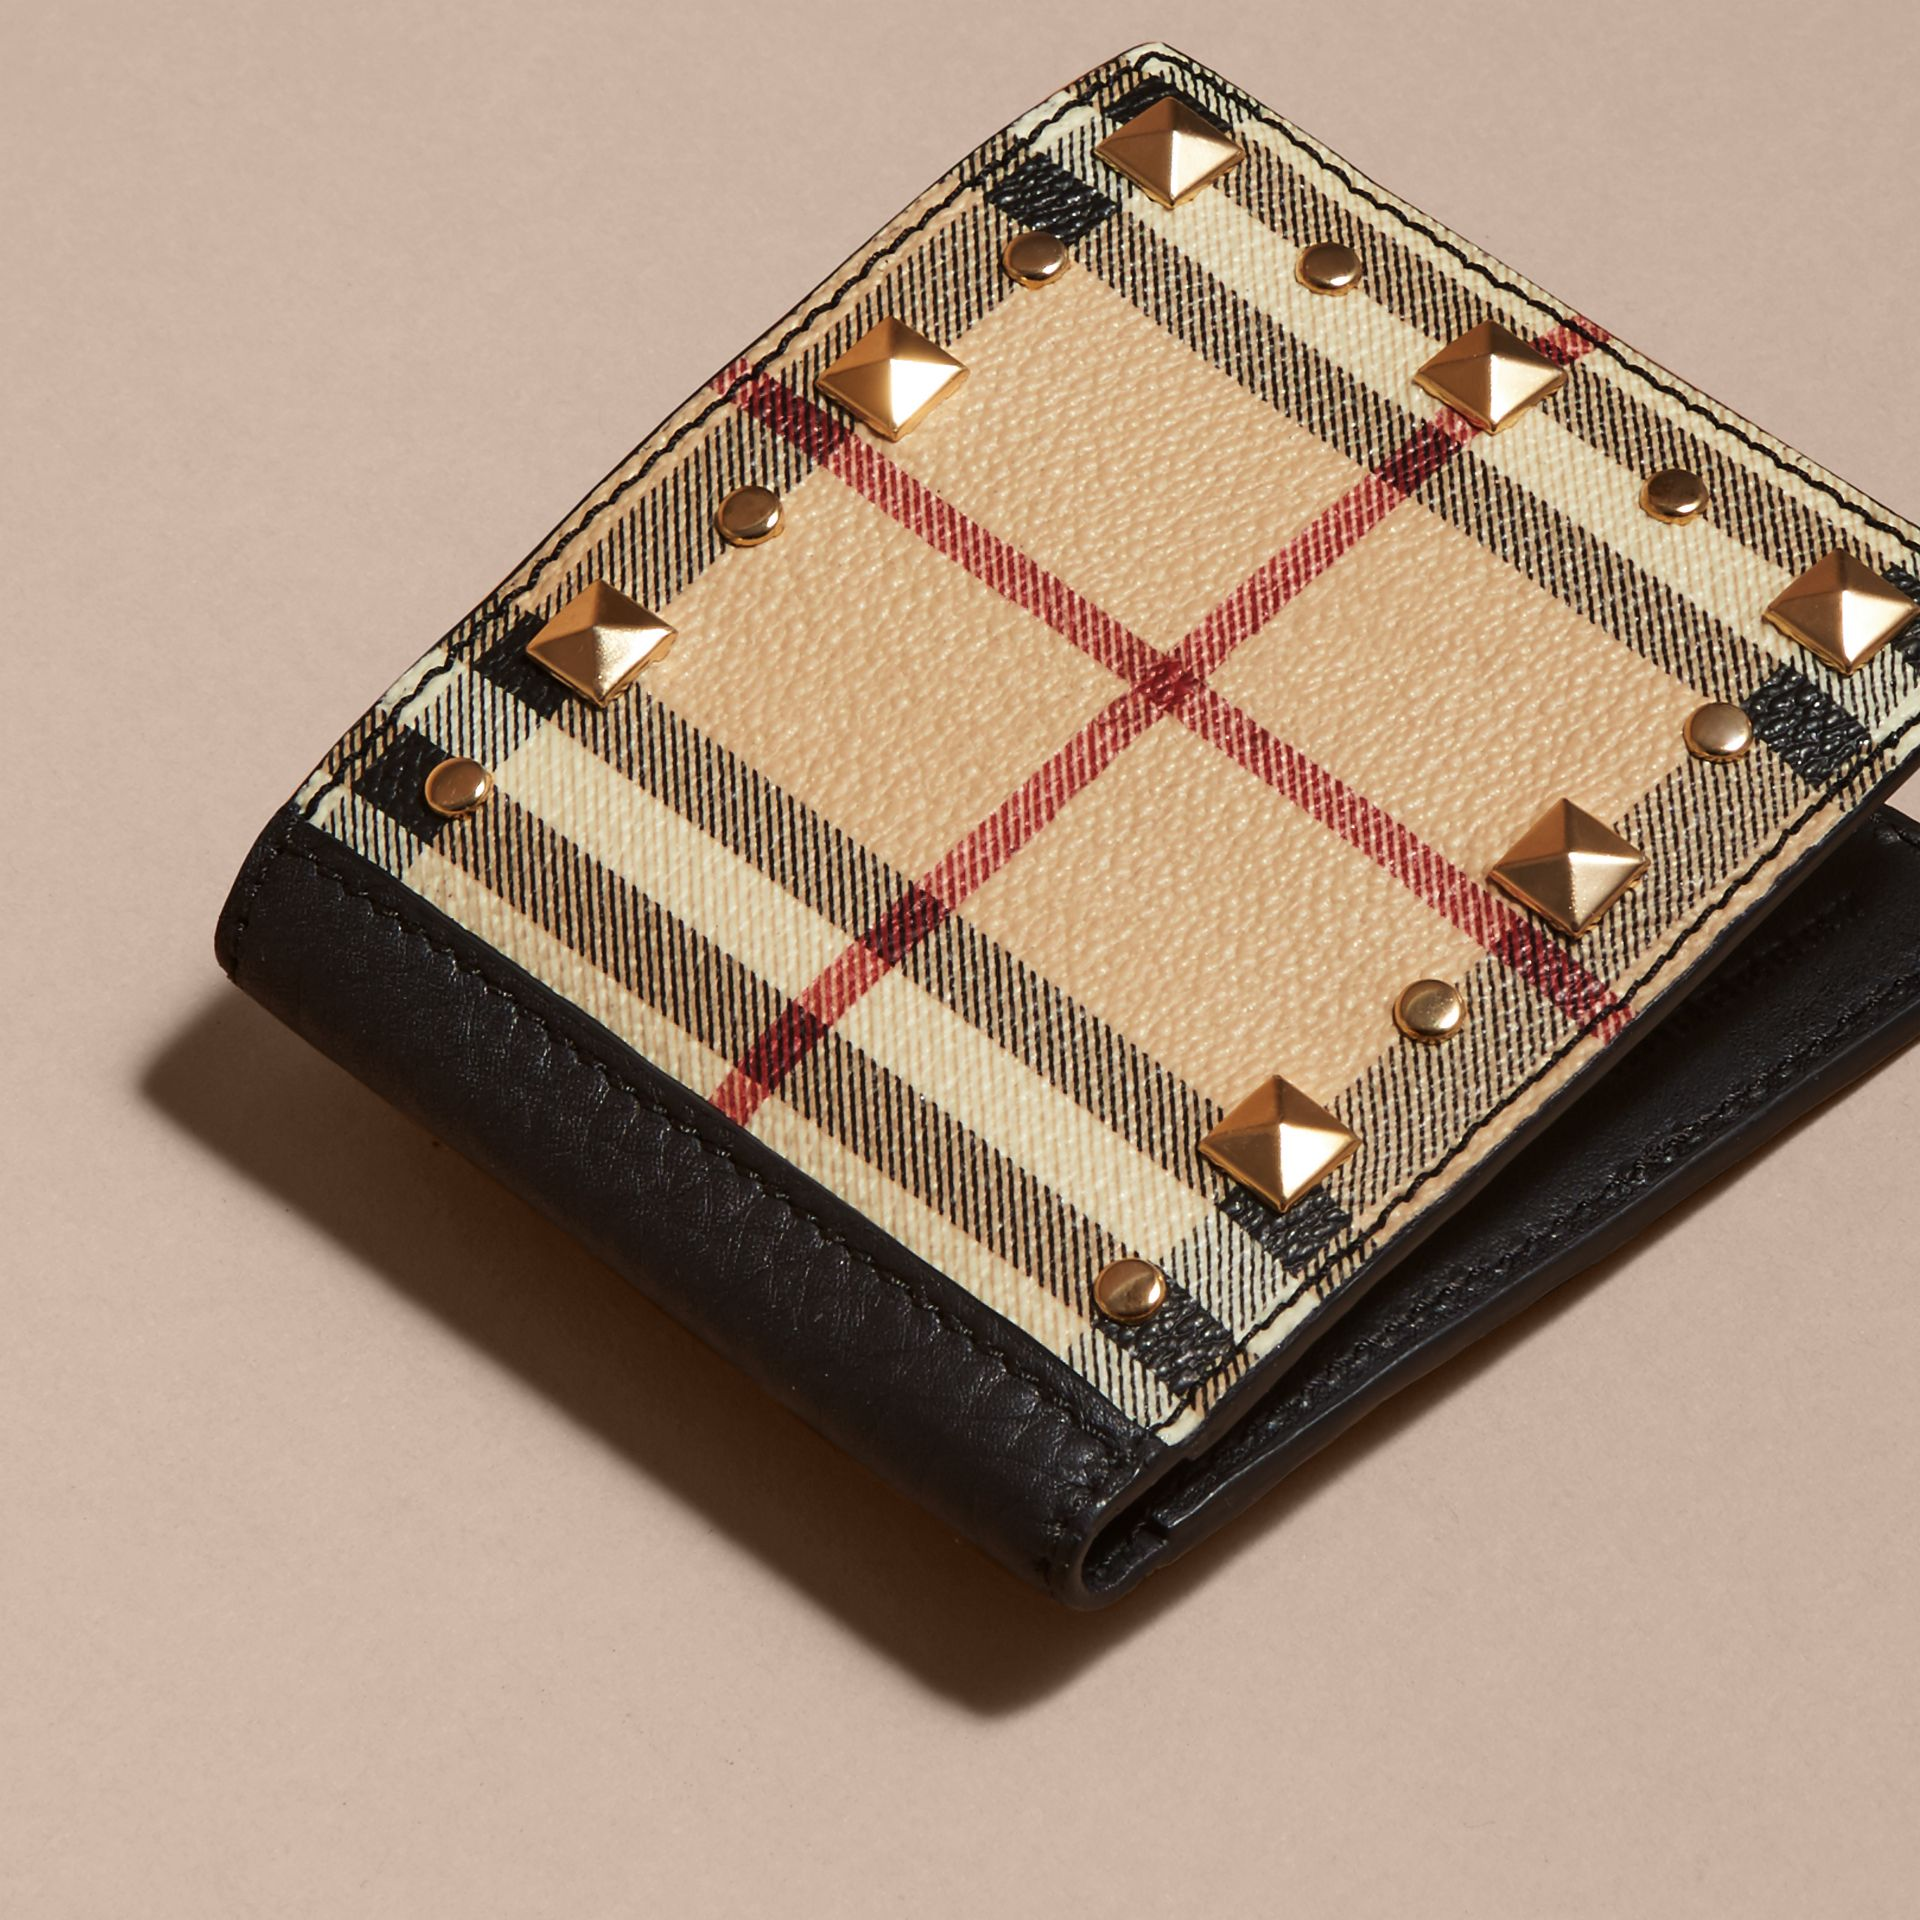 Schwarz Faltbrieftasche aus Leder mit Haymarket Check-Muster und Ziernieten - Galerie-Bild 3